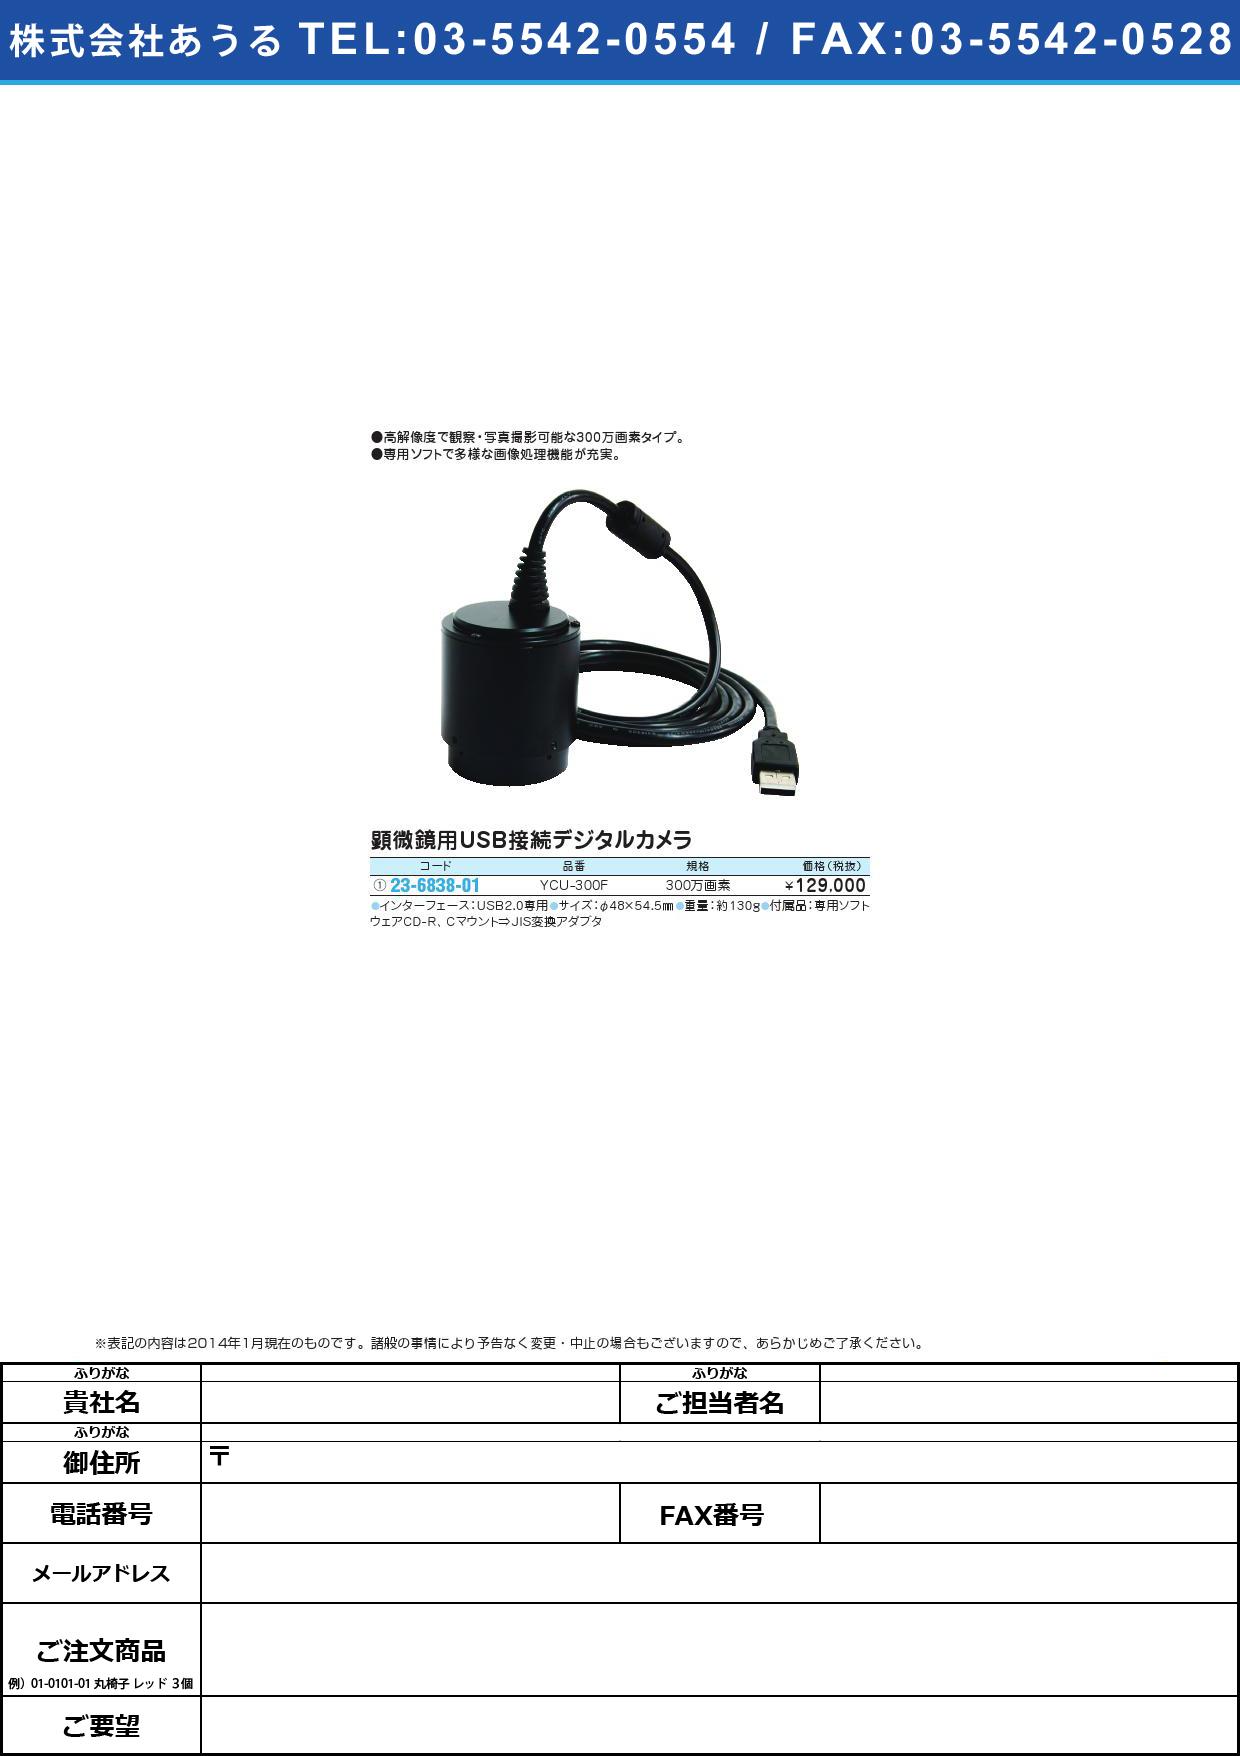 顕微鏡用USB接続デジタルカメラ ケンビキョウUSBデジタルカメラ(23-6838-01)YCU-300F【1台単位】